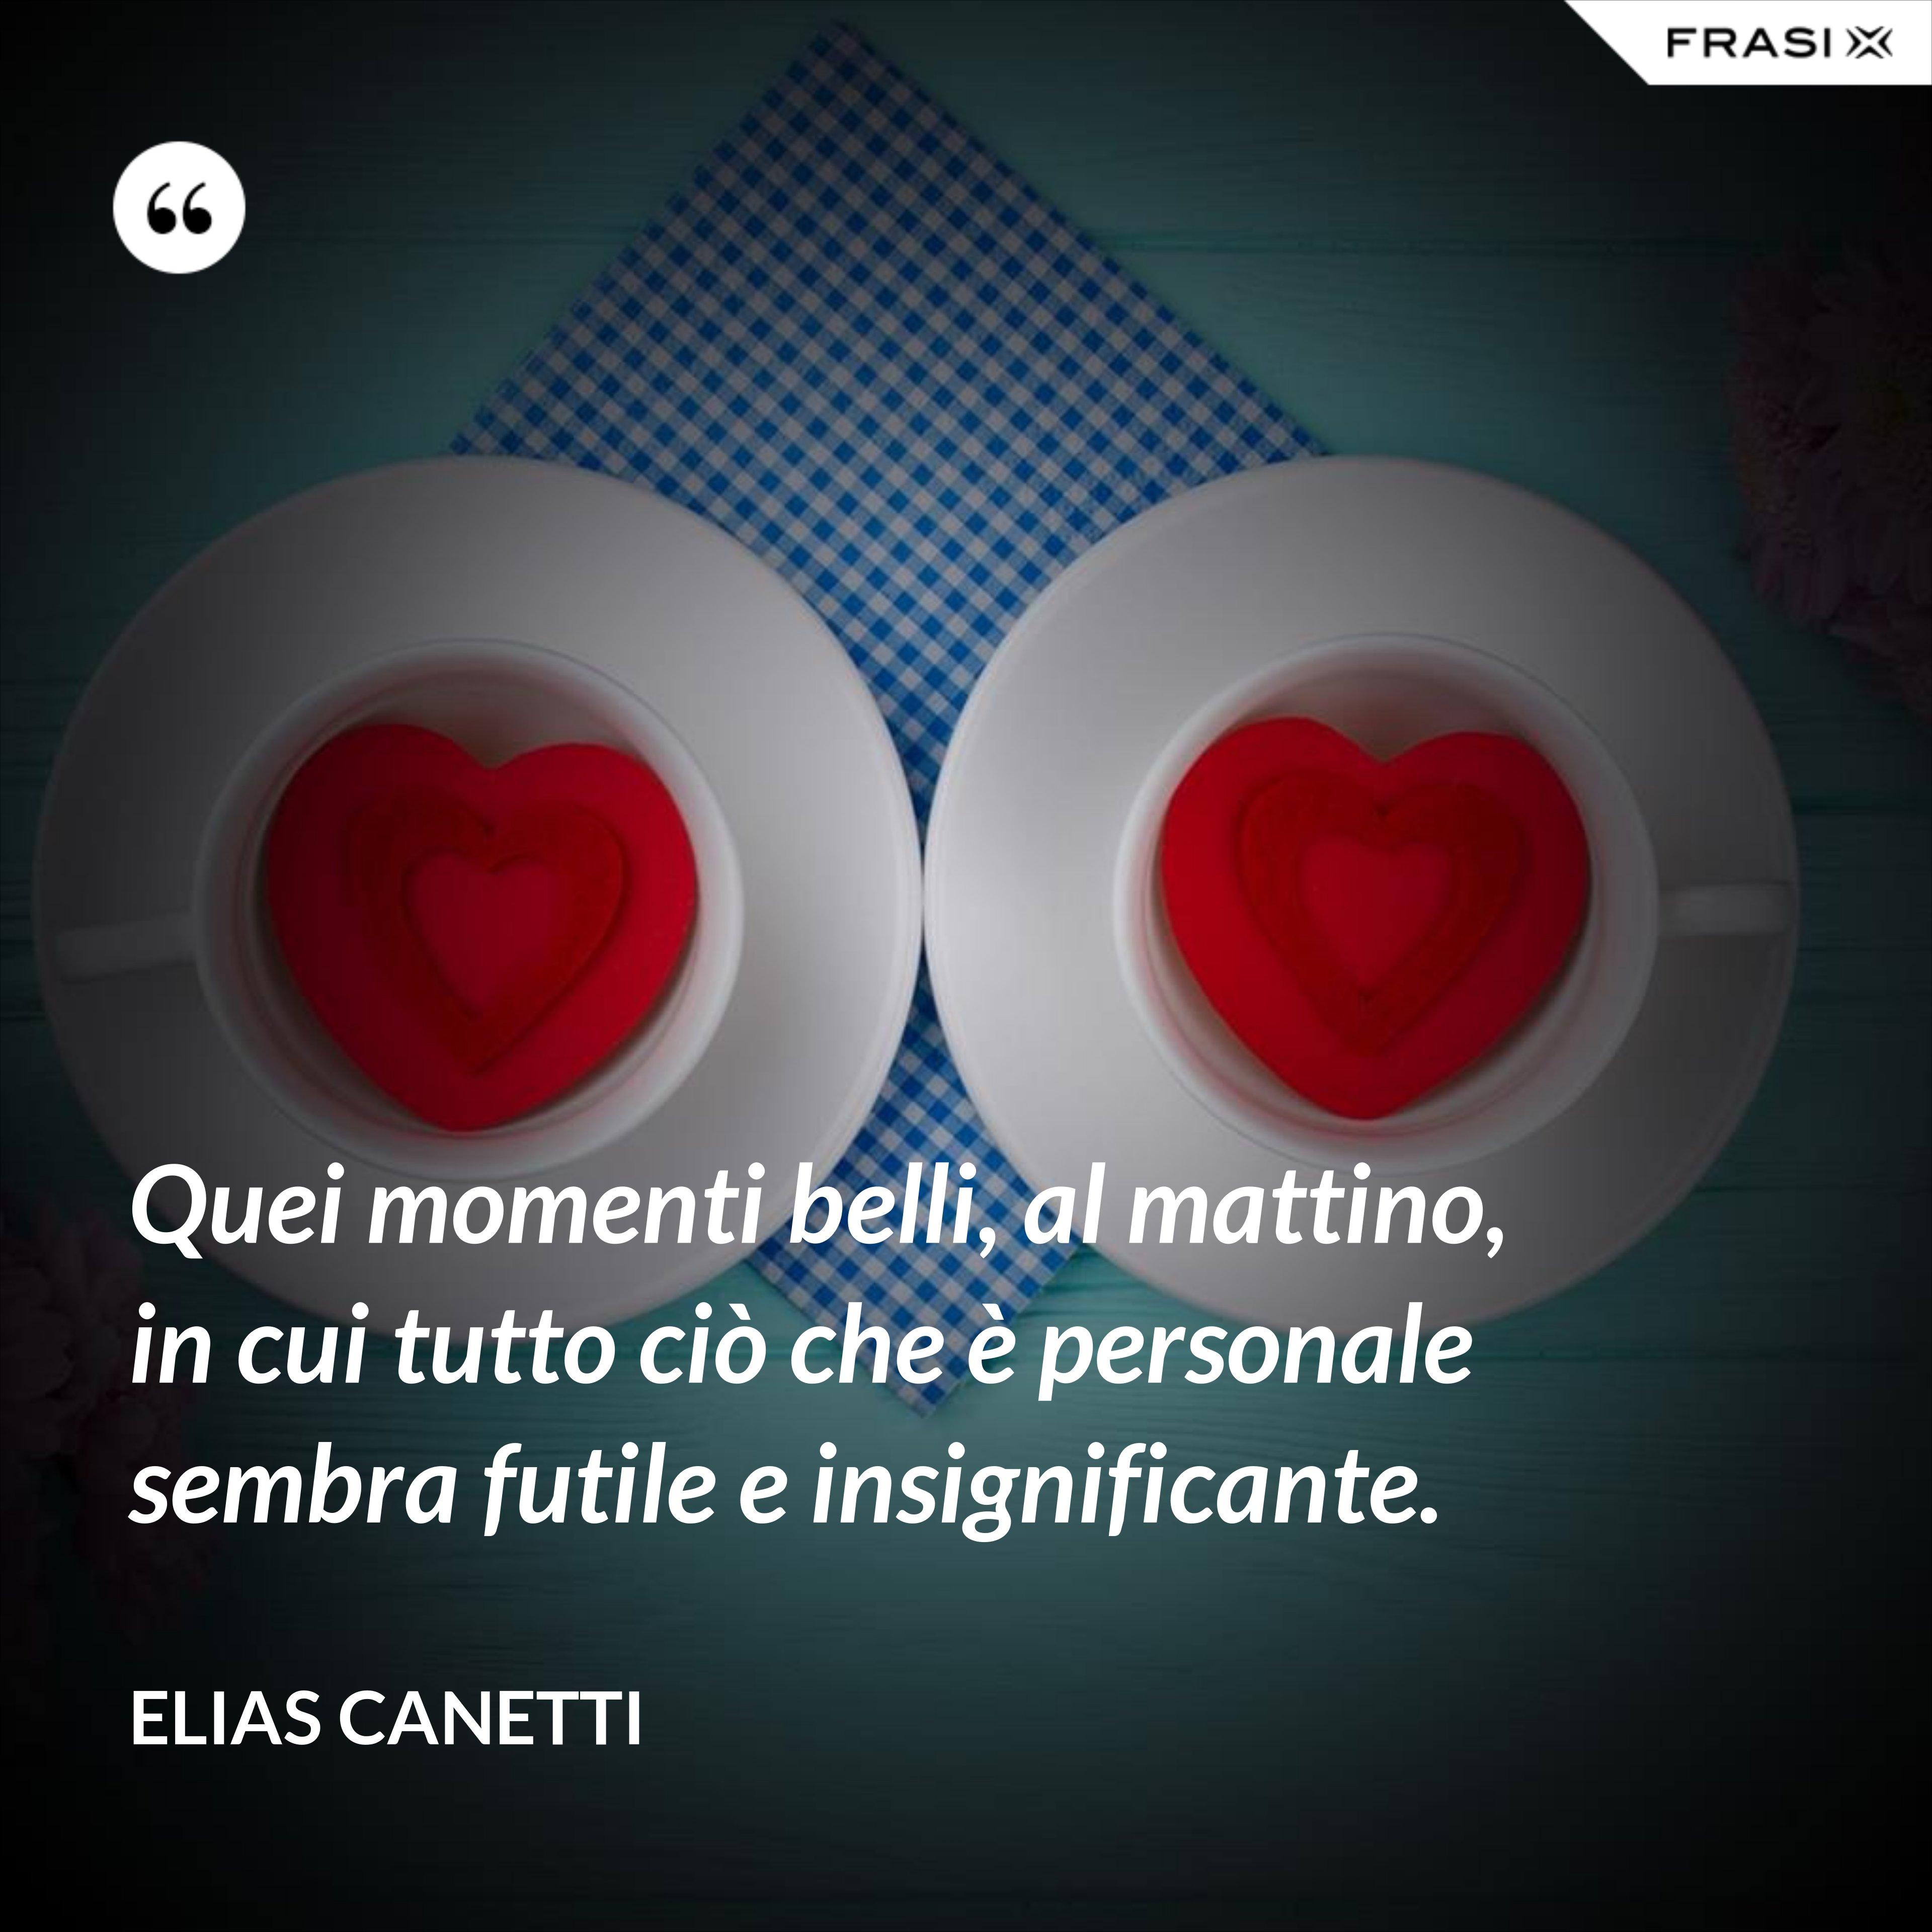 Quei momenti belli, al mattino, in cui tutto ciò che è personale sembra futile e insignificante. - Elias Canetti